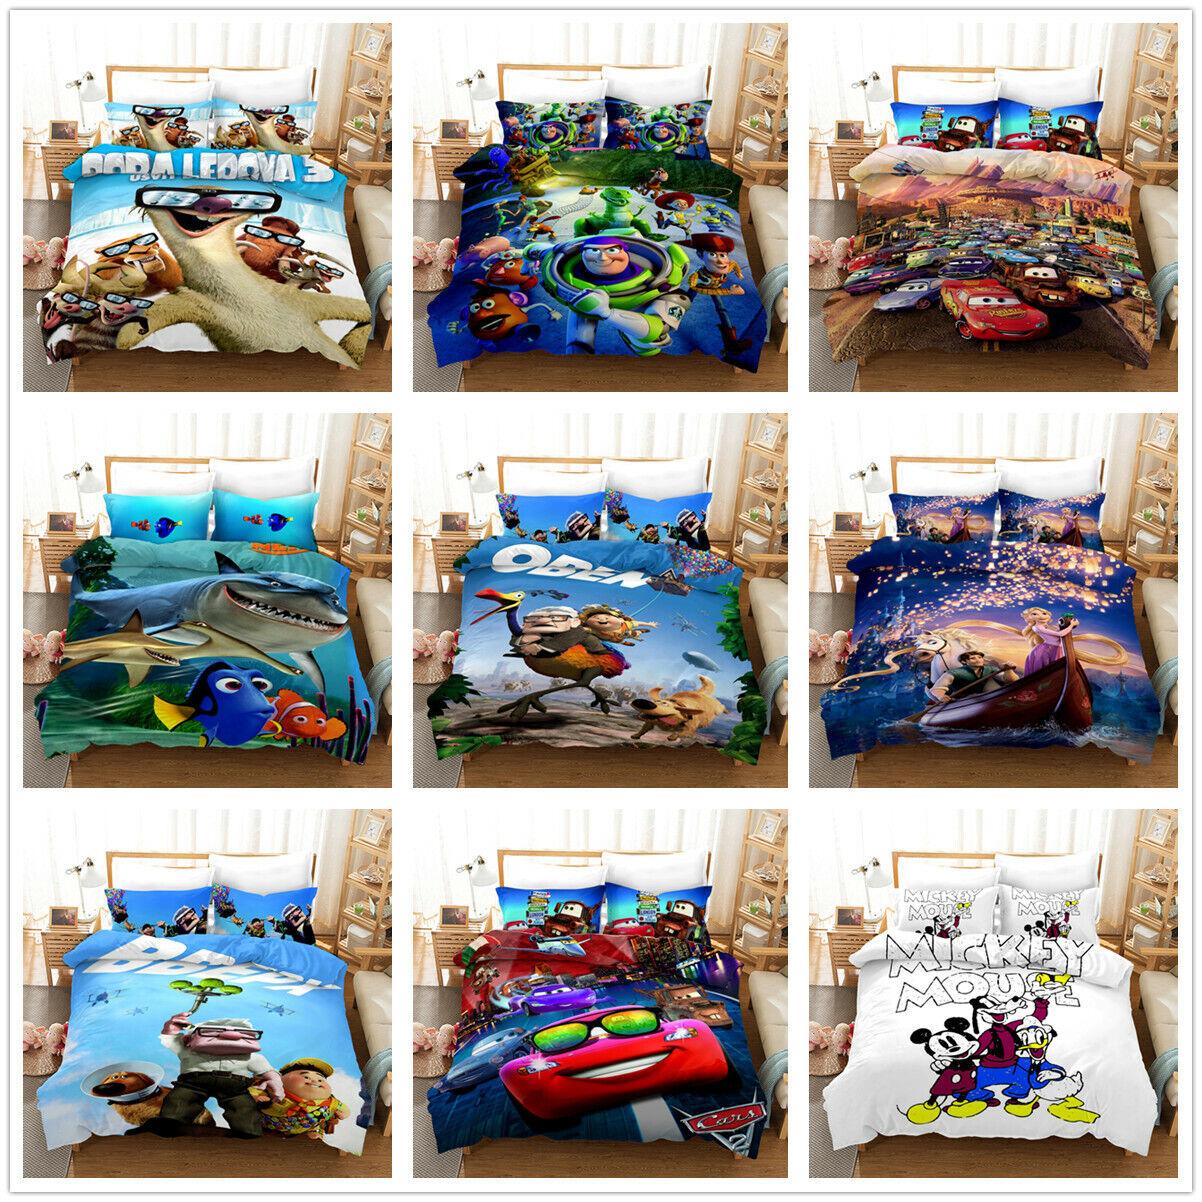 3D Anime Bedding Set Car Disney Pokemon Duvet Cover Pillowca